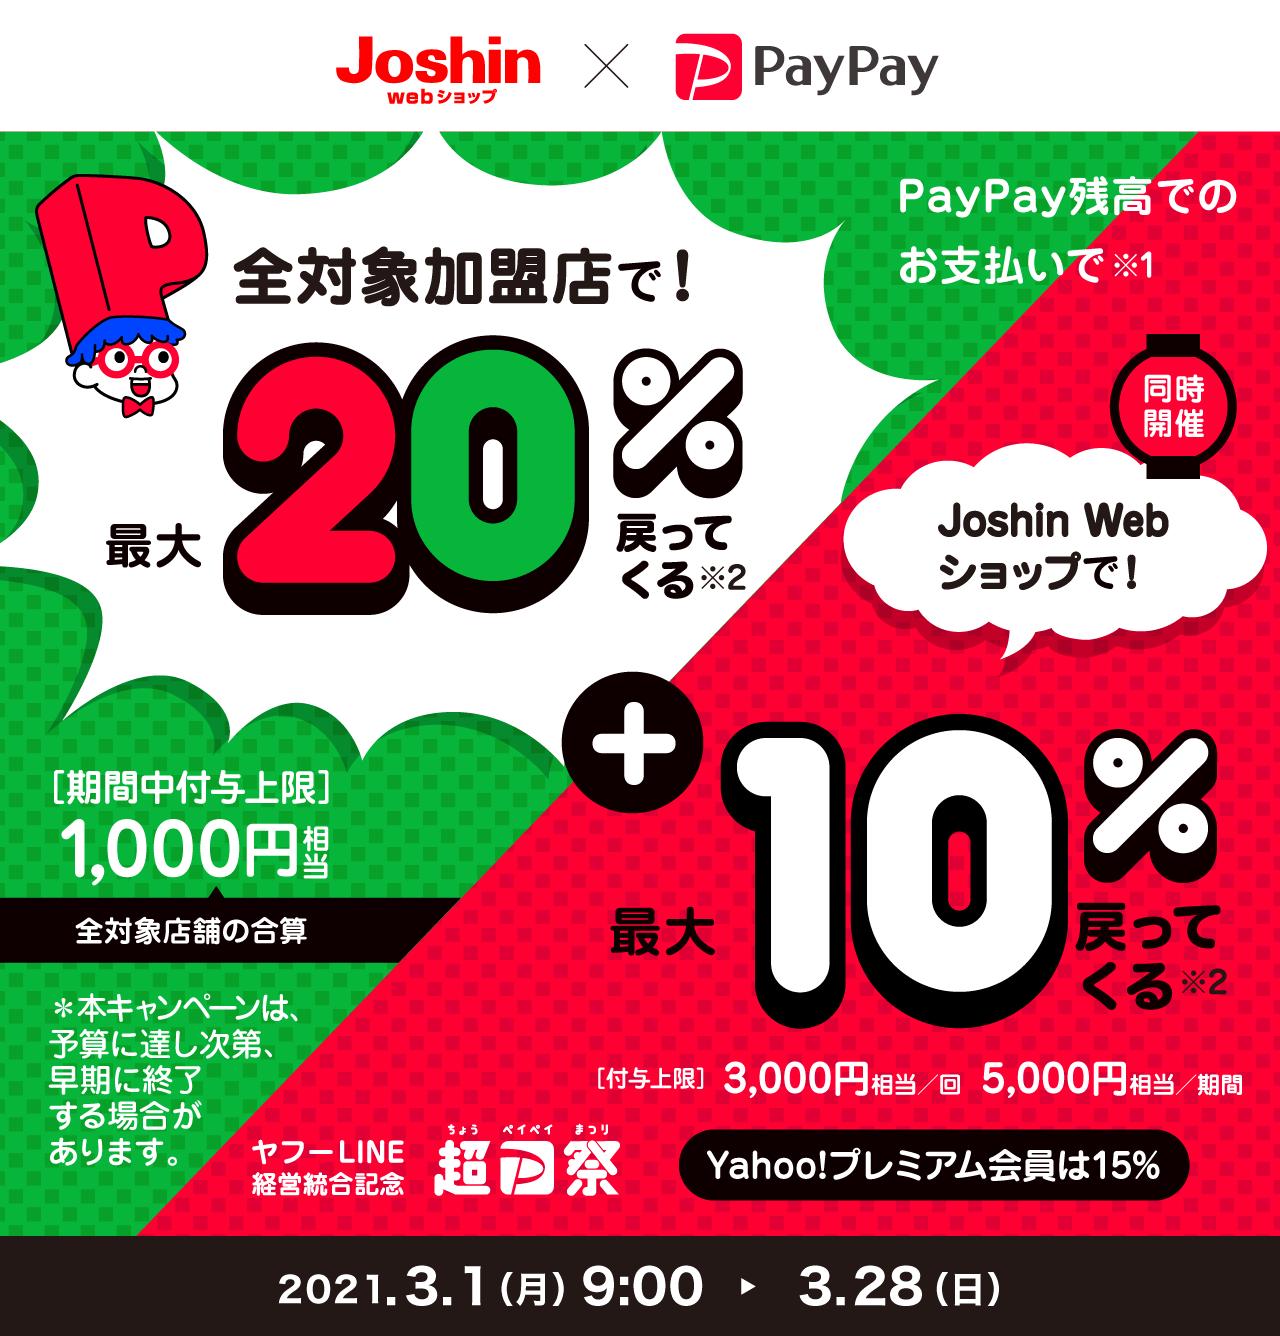 全対象加盟店で!最大20%戻ってくる + Joshin Web ショップで!最大10%戻ってくる